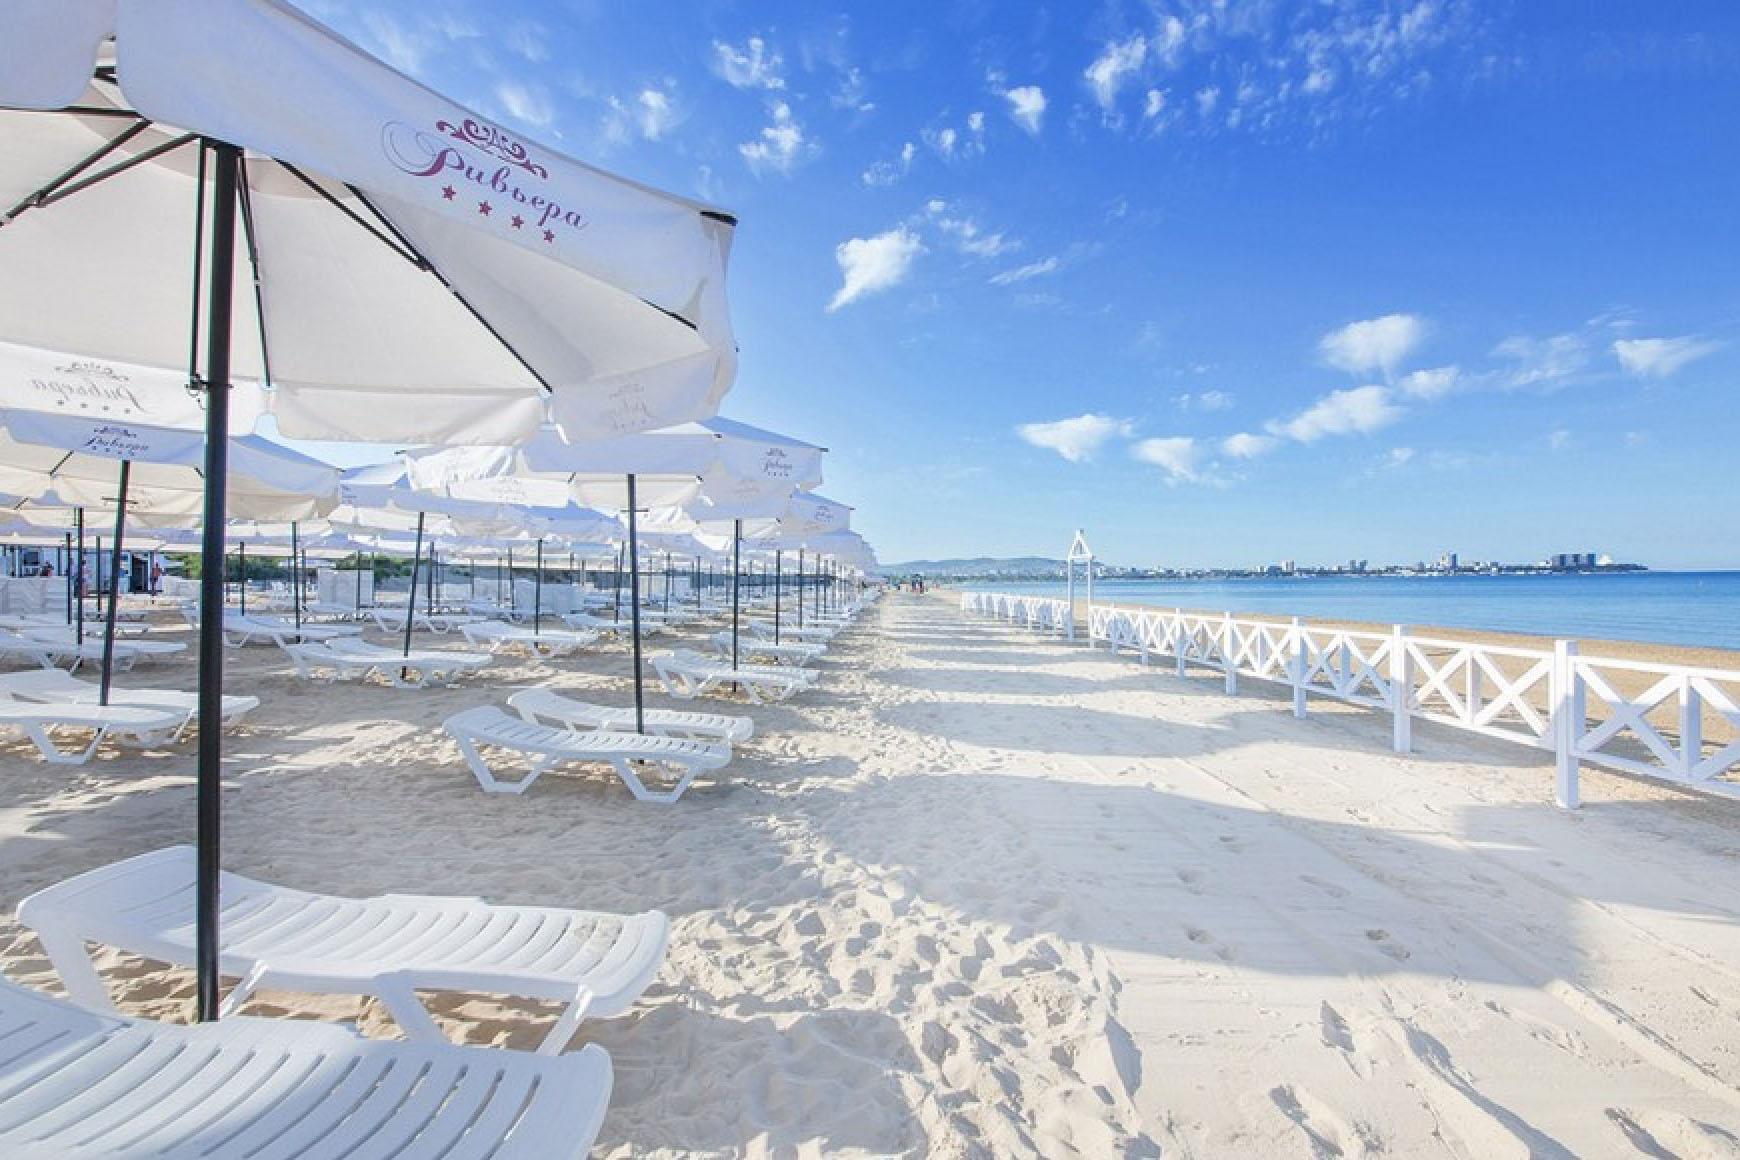 Фото береговой линии у Resort & SPA Riviera